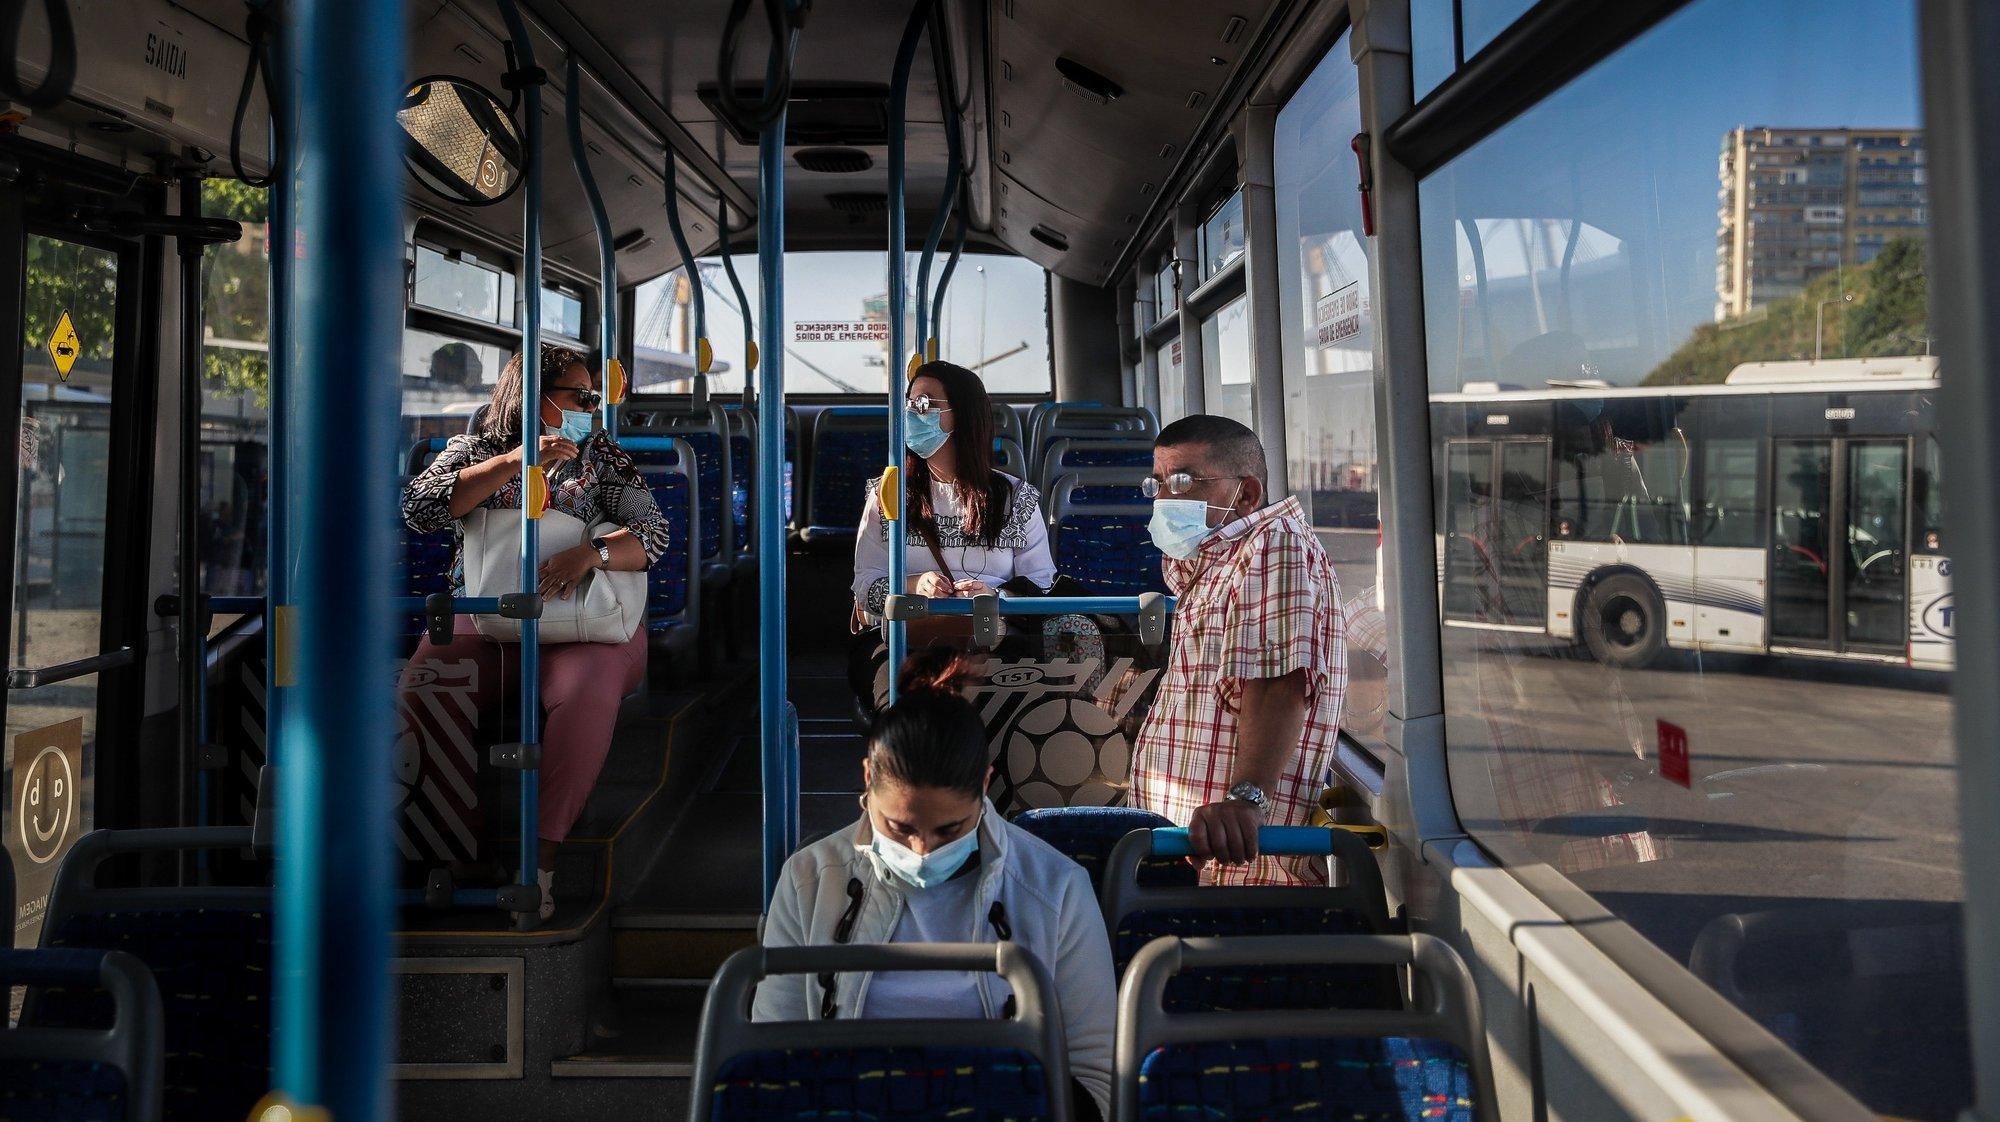 Utentes no interior de um autocarro dos Transportes Sul do Tejo (TST), em Cacilhas, Almada, 20 de maio de 2020. O transporte rodoviário foi reforçado com a entrada do segunda fase do desconfinamento devido à pandemia da covid-19, apesar disso as carreiras continuam com poucas pessoas o que contrasta com a grande utilização dos transportes fluviais da Transtejo/Soflusa. (ACOMPANHA TEXTO). MÁRIO CRUZ/LUSA